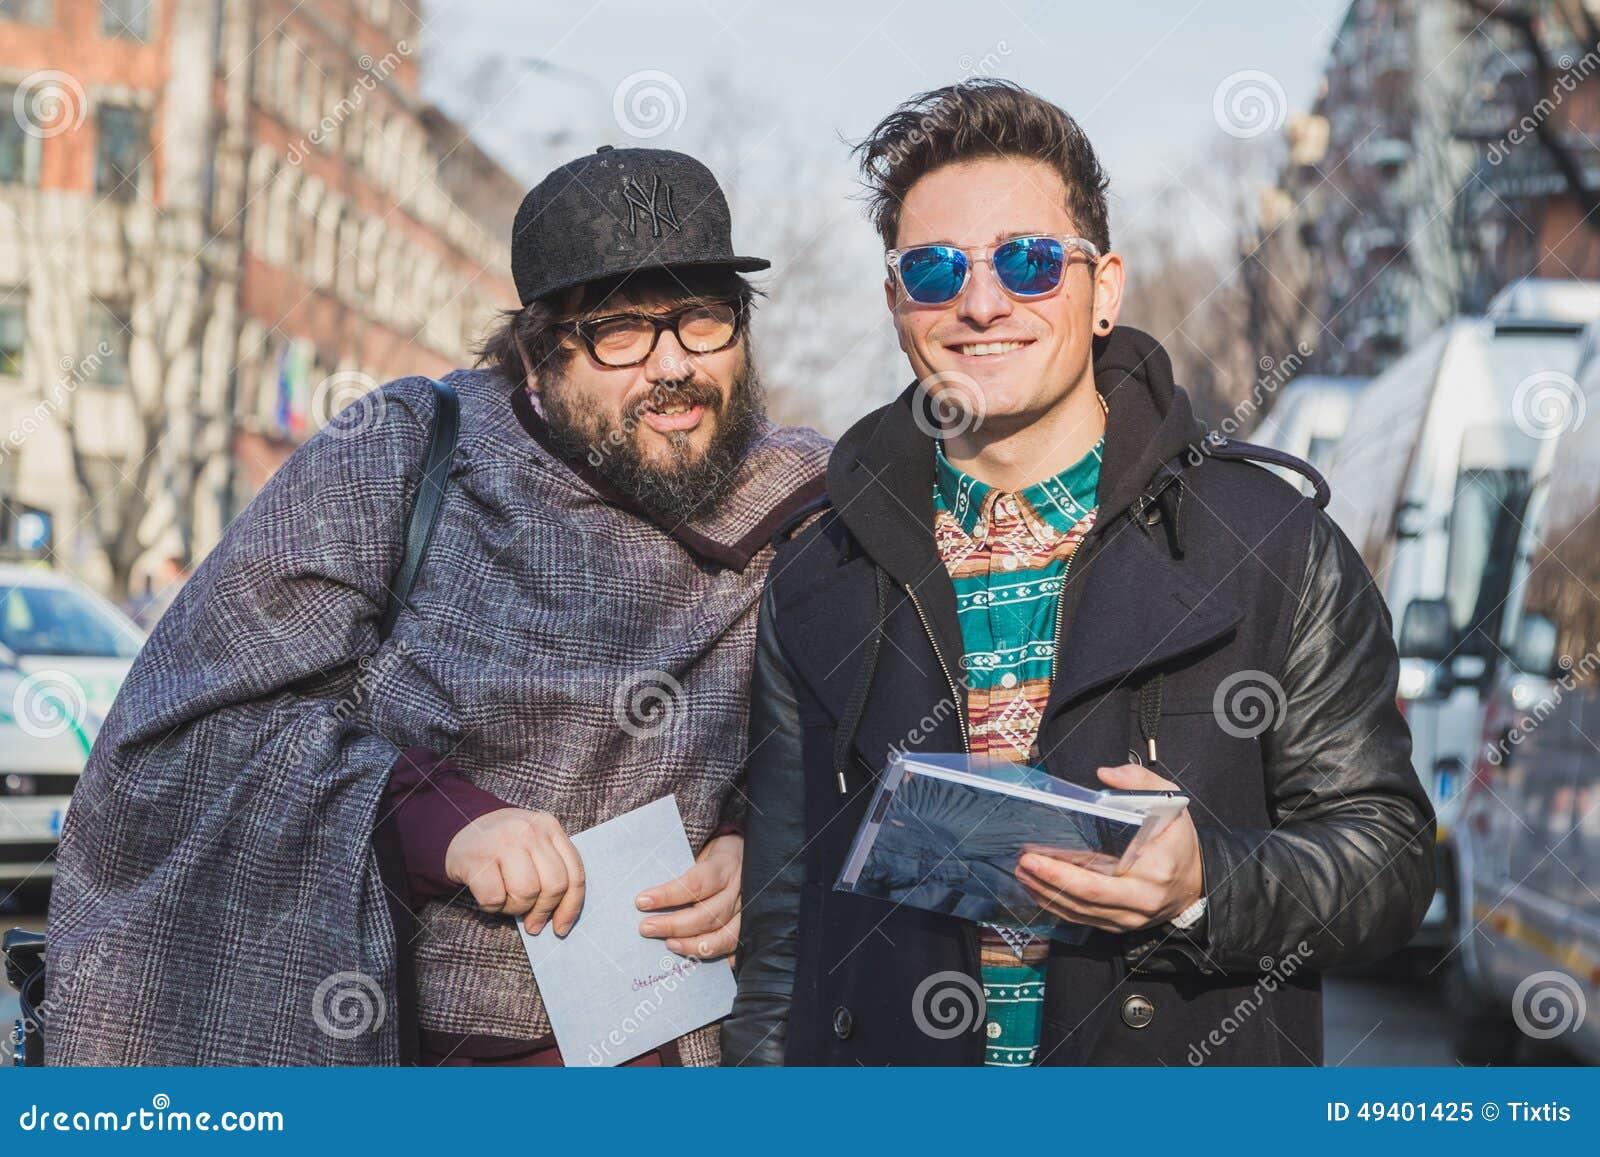 Download Leute Außerhalb Des Armani-Modeschaugebäudes Für Milan Mens Mode-Woche 2015 Redaktionelles Bild - Bild von baumuster, männer: 49401425